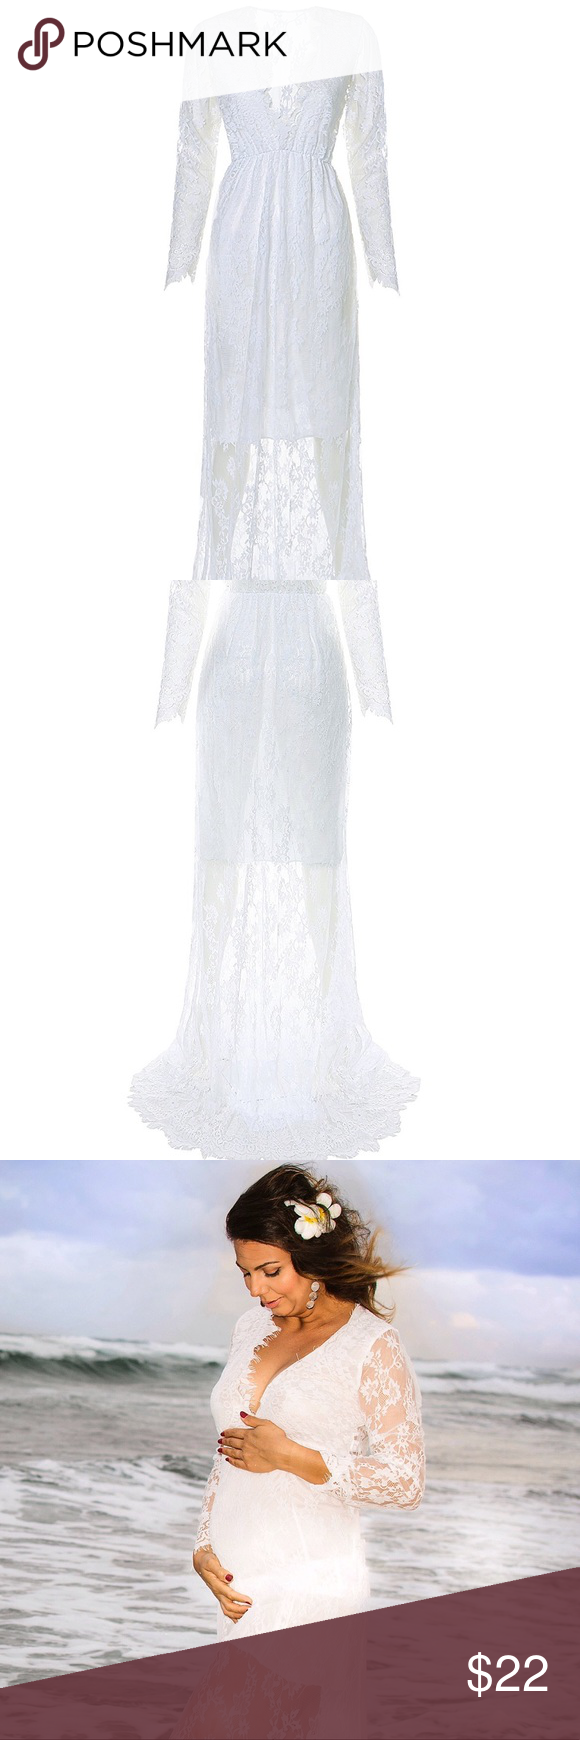 Deep vneck long sleeve lace seethrough dress bebe bebe